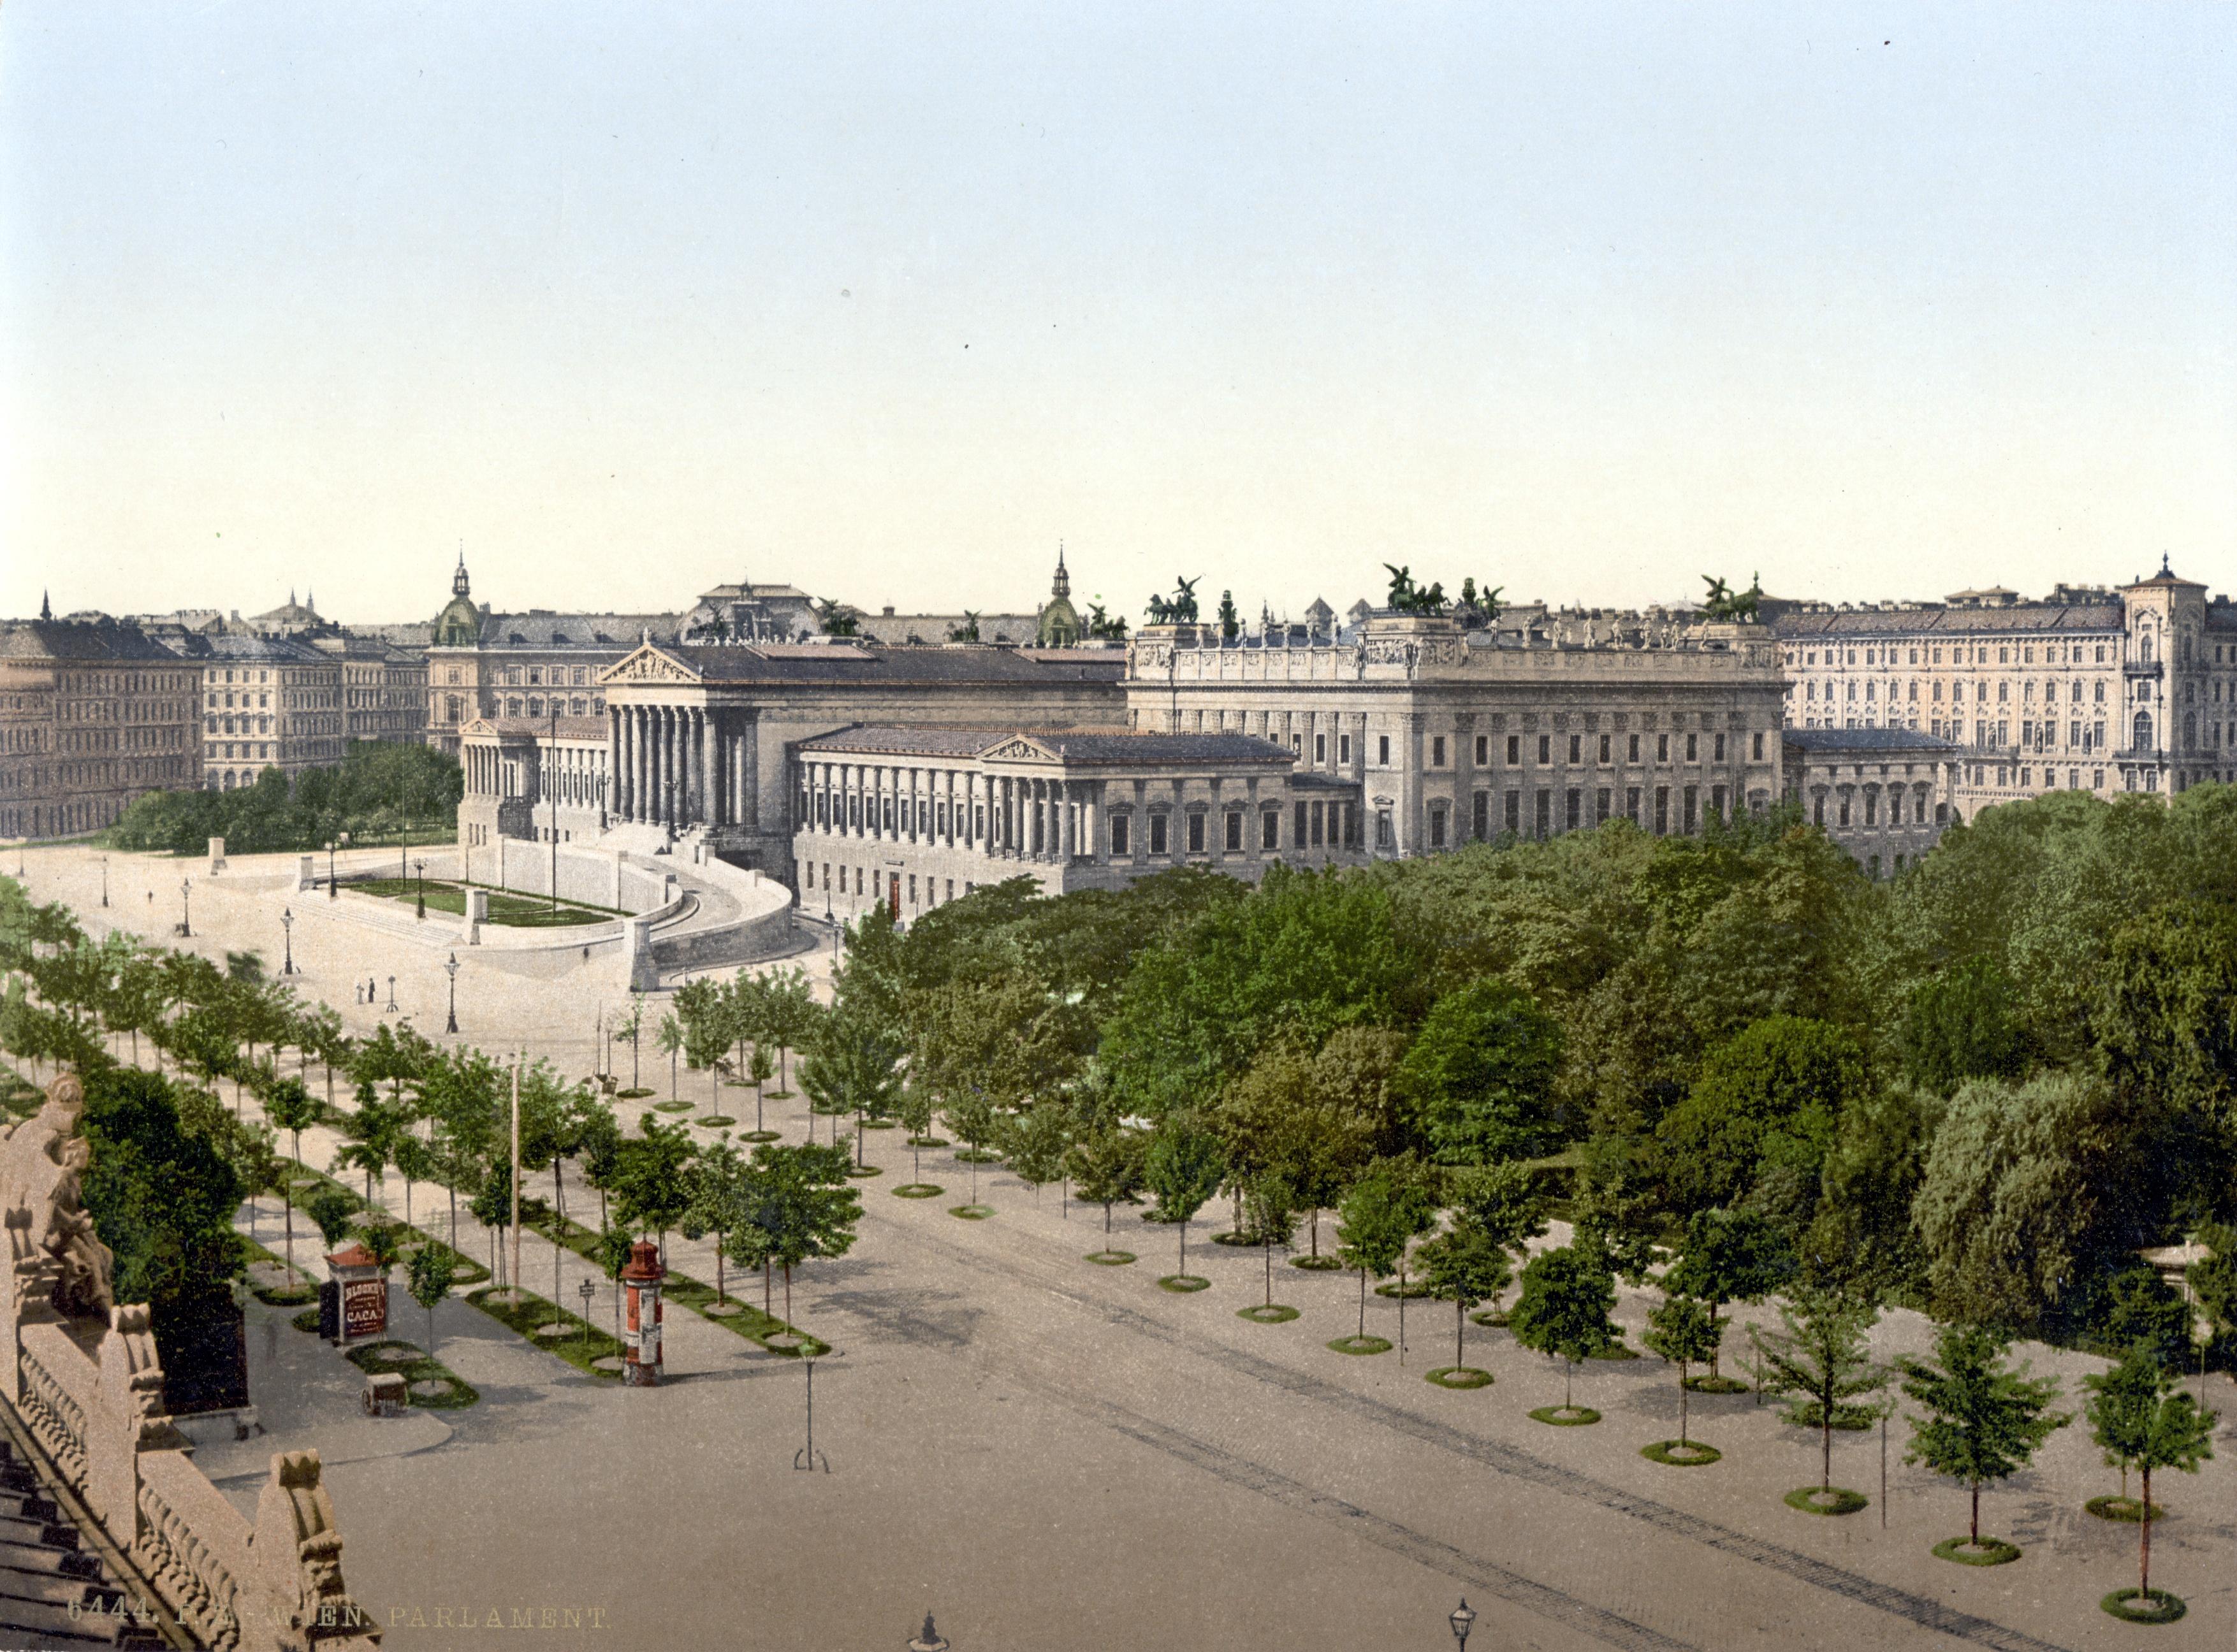 Ringstraße, parliament, Hostel Vienna, Vienna